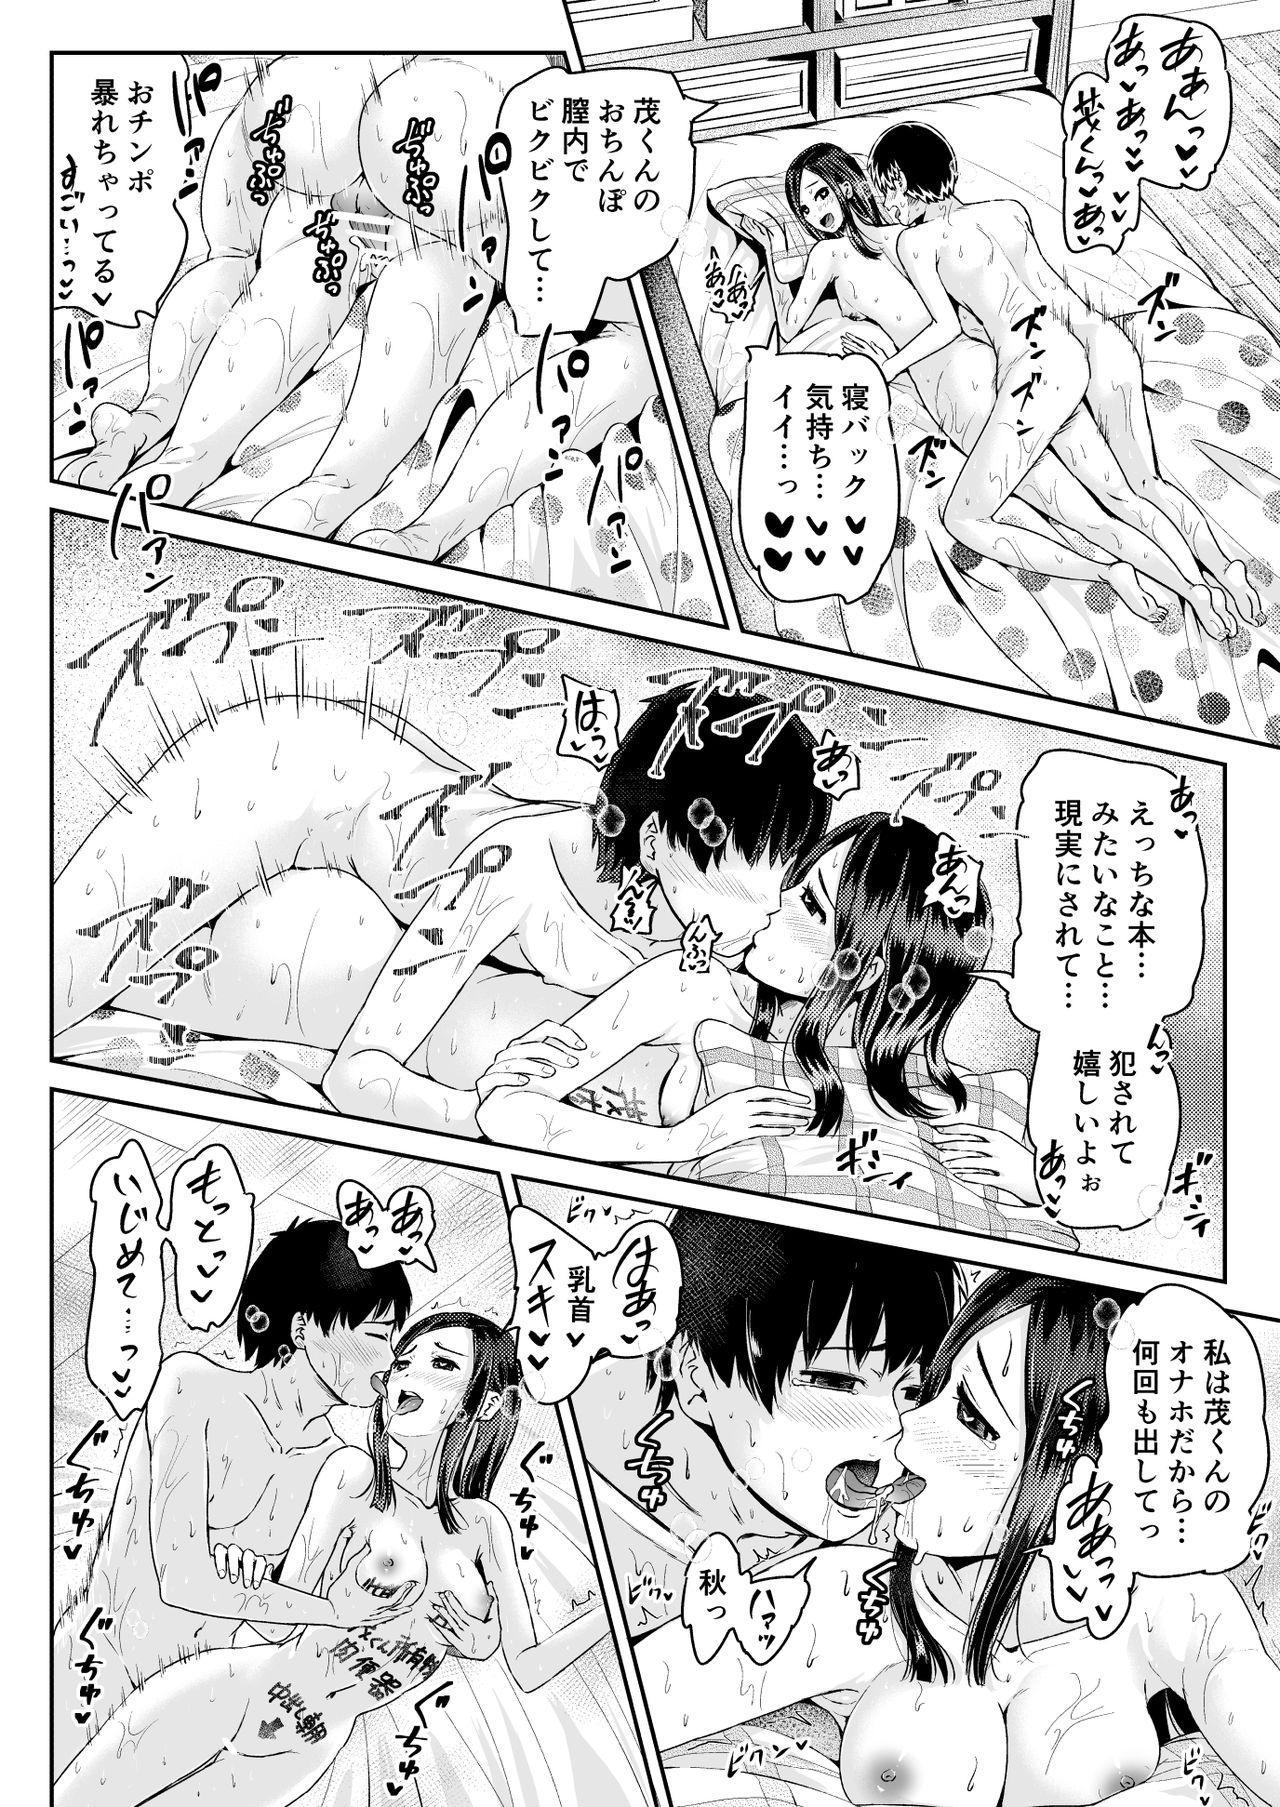 Doutei no Ore o Yuuwaku suru Ecchi na Joshi-tachi!? 8 2